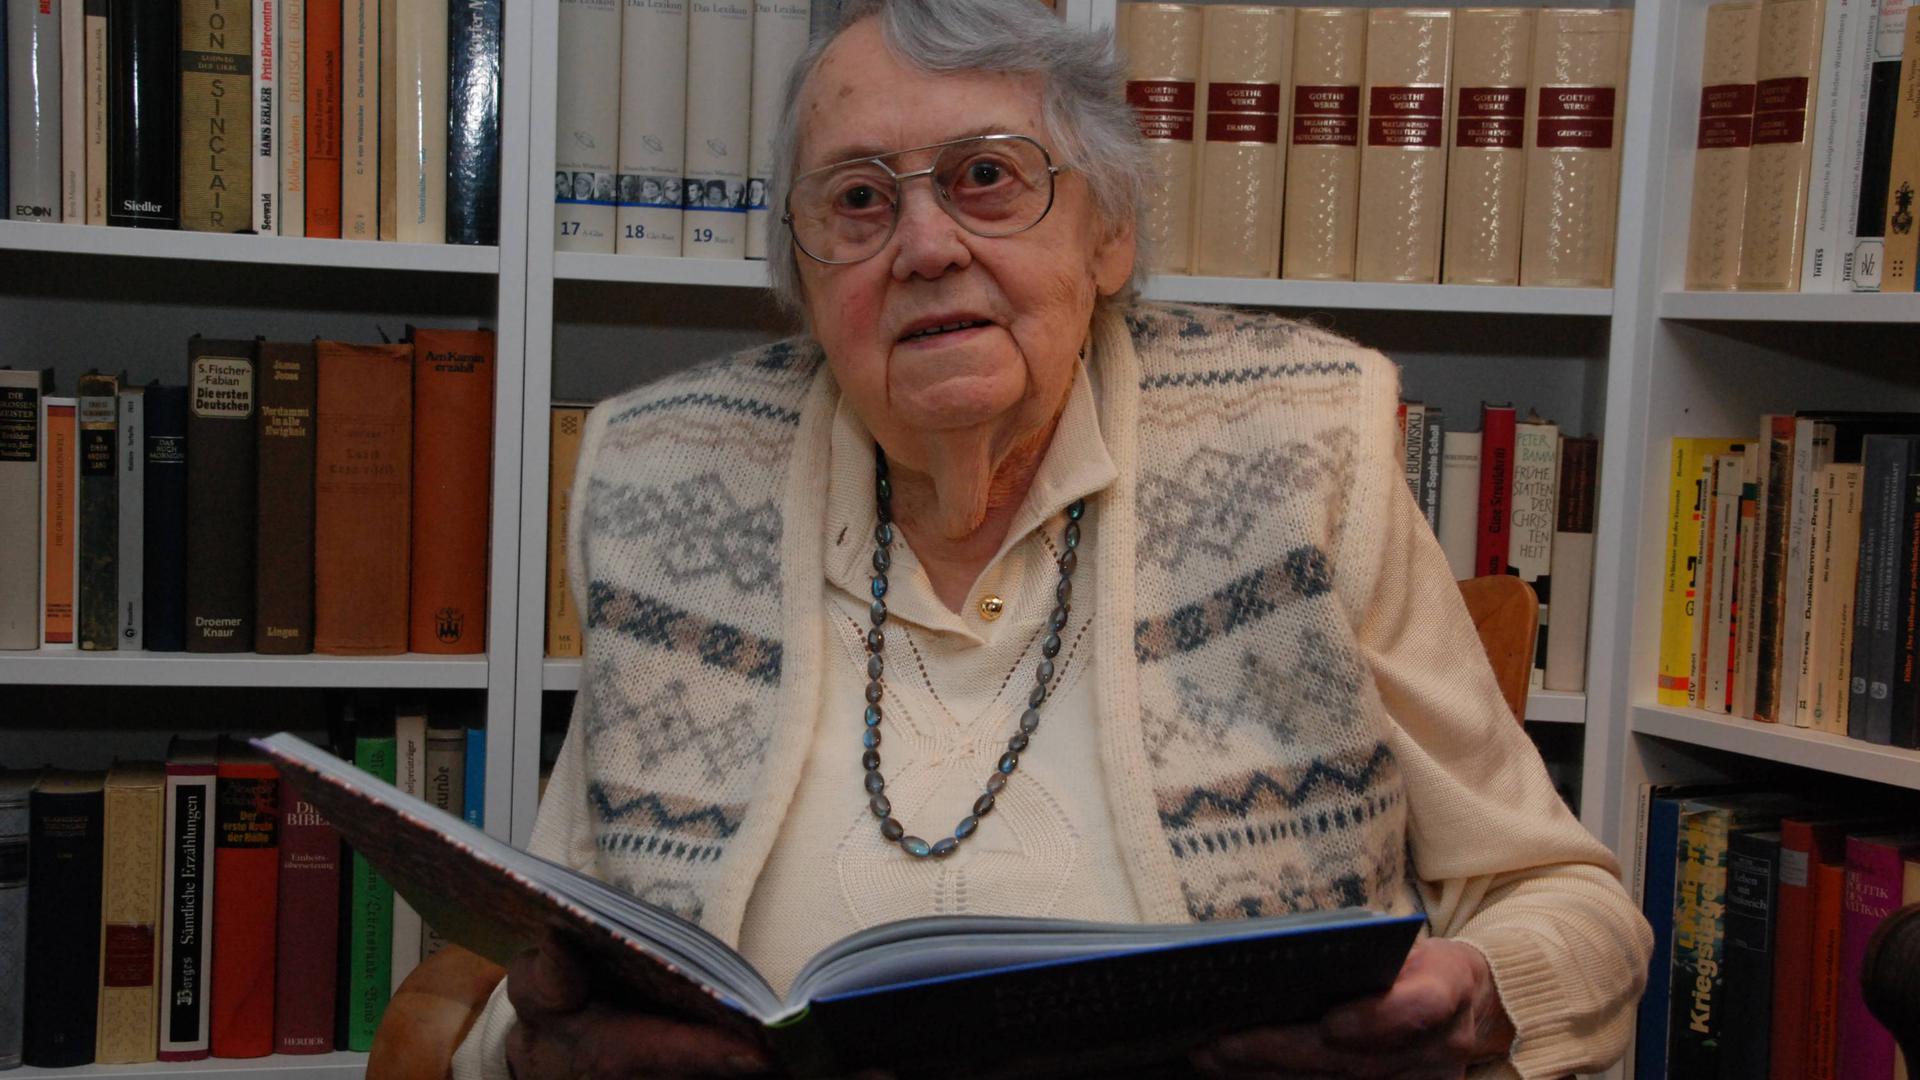 Eine ältere Frau mit Brille hält ein Buch.